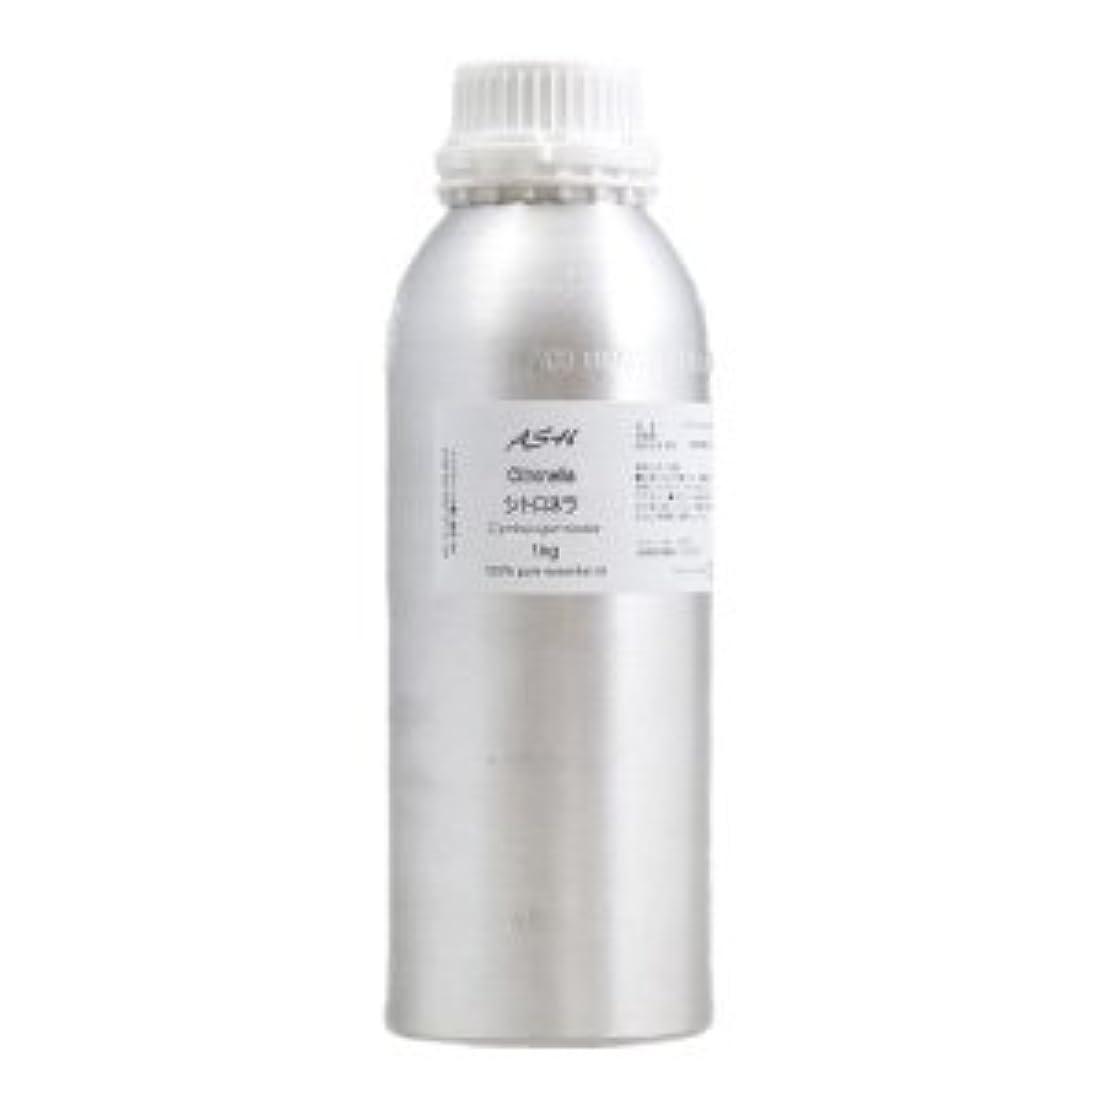 宣言する壮大見通しASH シトロネラ エッセンシャルオイル 業務用1kg AEAJ表示基準適合認定精油